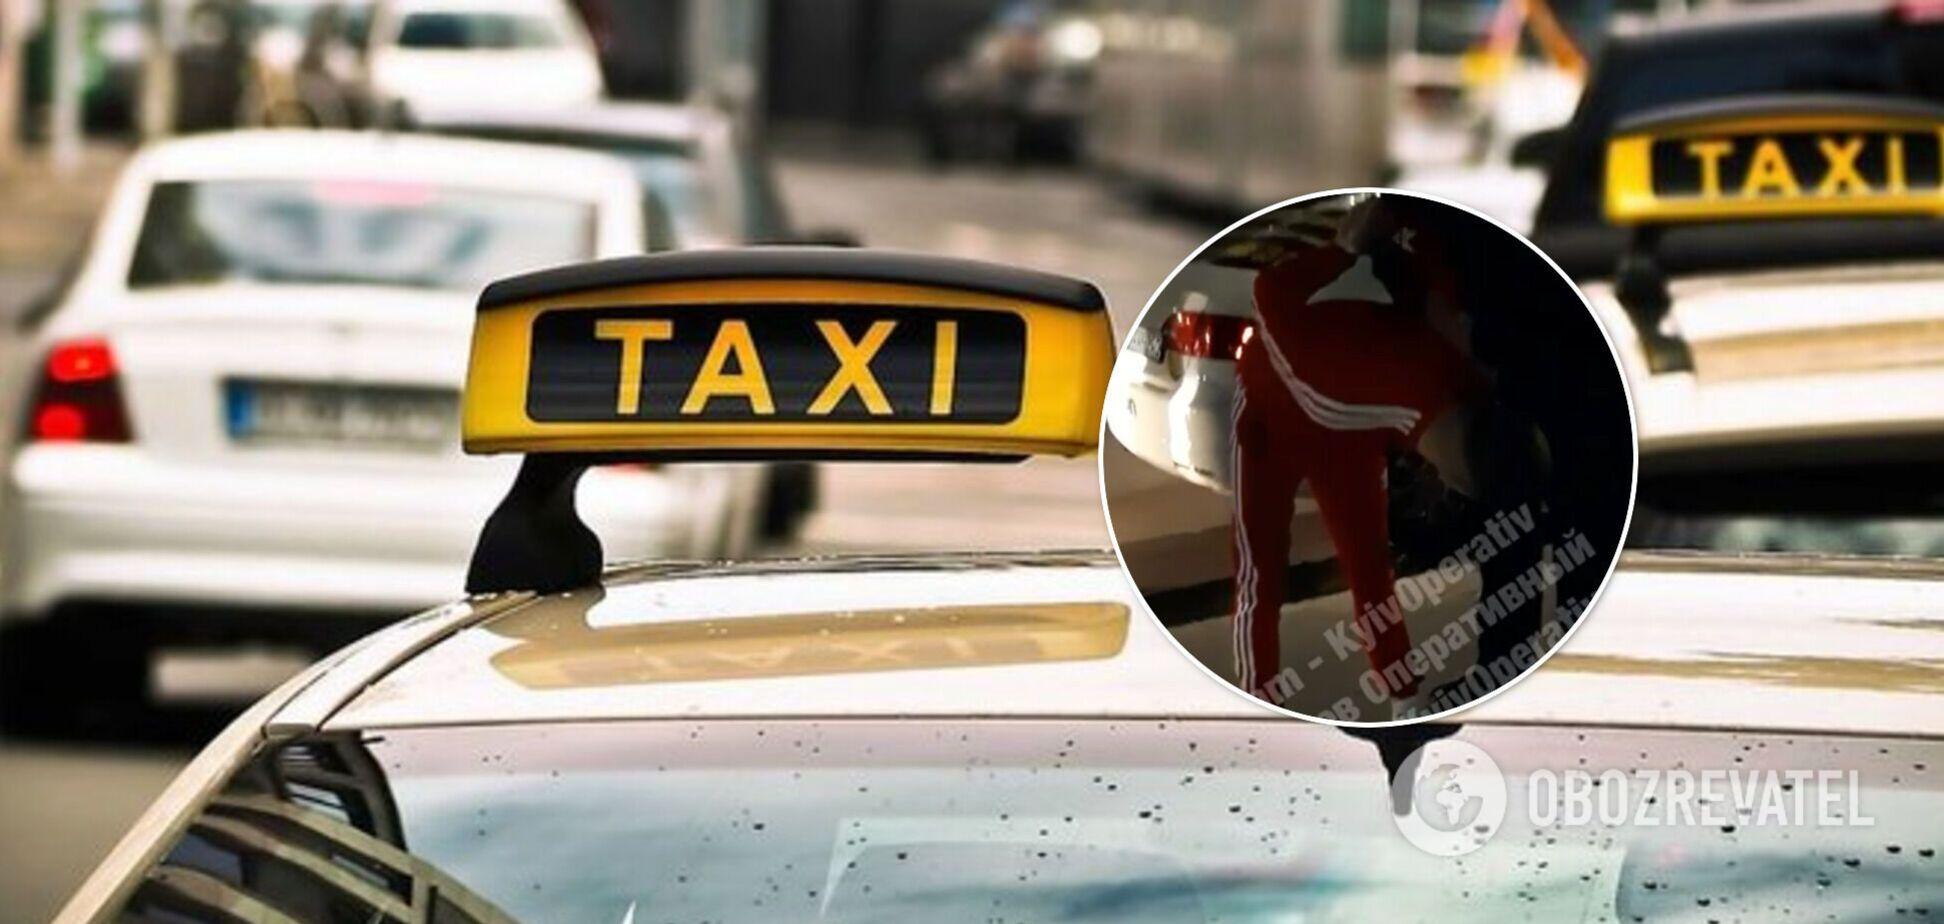 Таксі Уклон: водій розбив машину в Києві